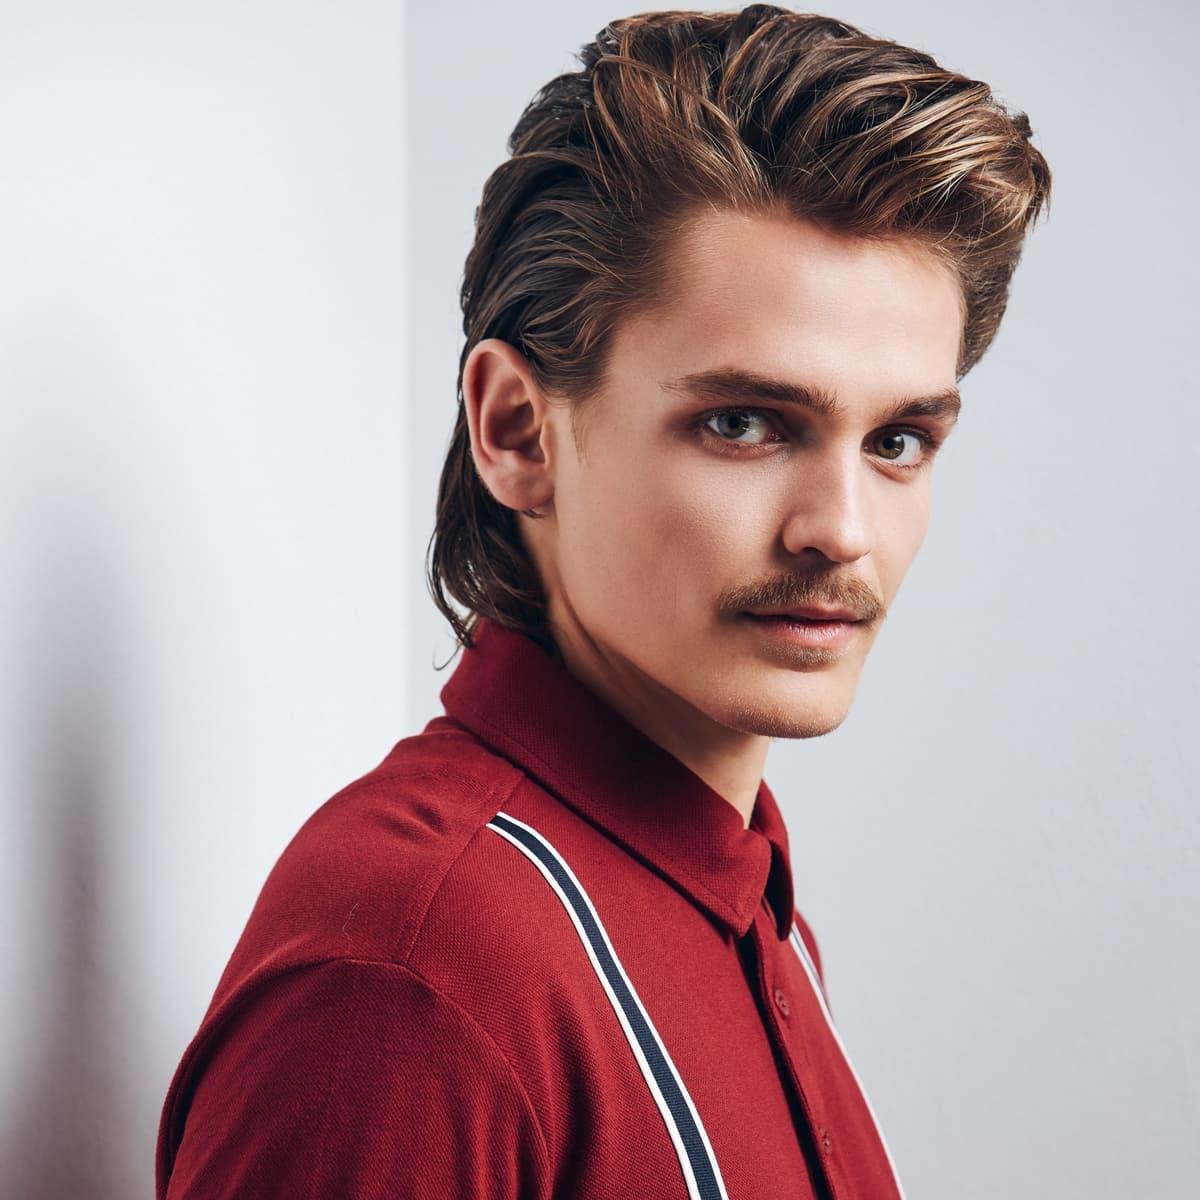 Frisuren 2019 Fruhjahr Sommer 2019 Frisuren Trends Aus Den 70er